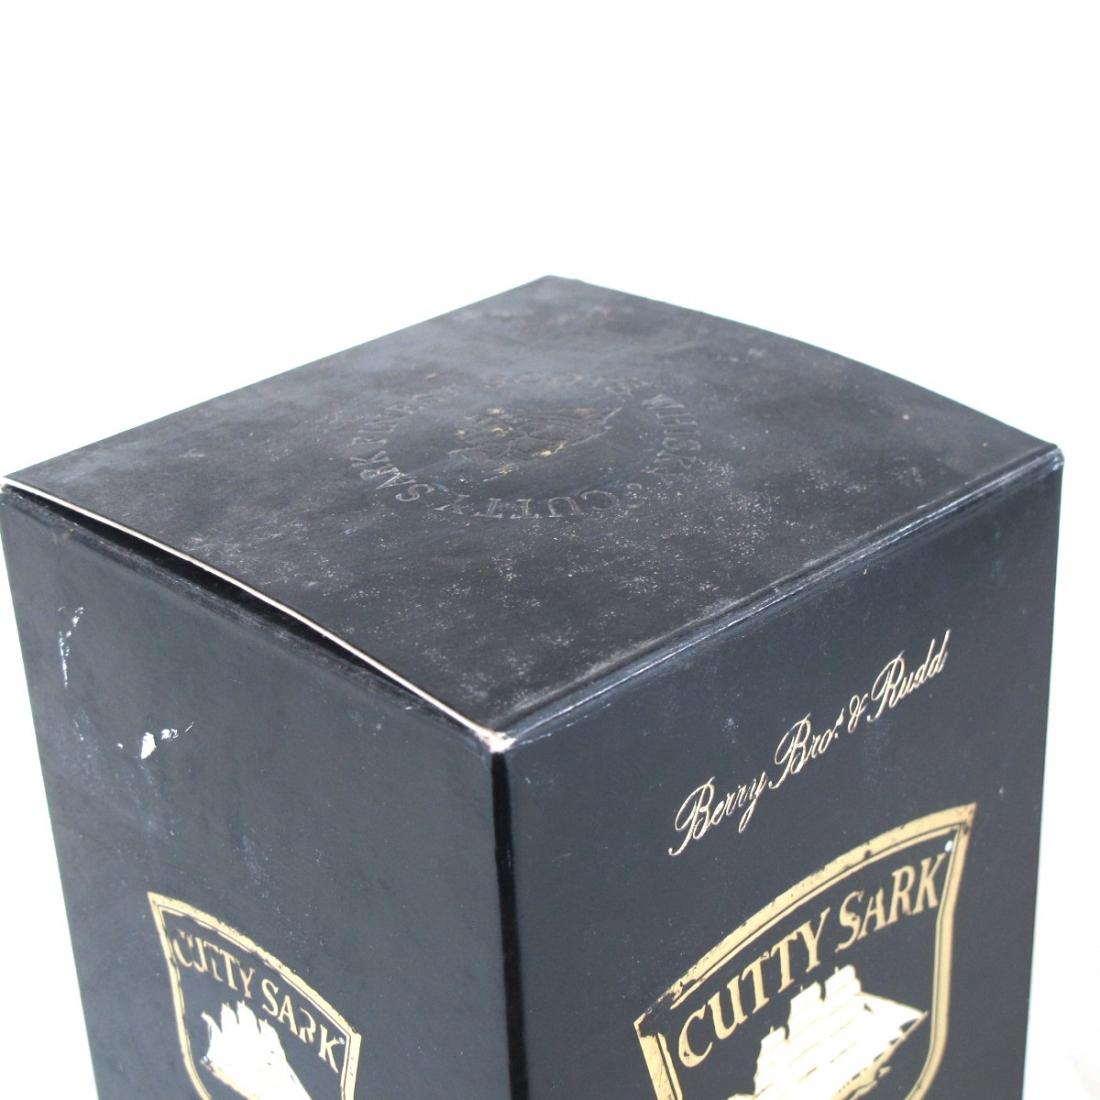 Cutty Sark 12 Year Old